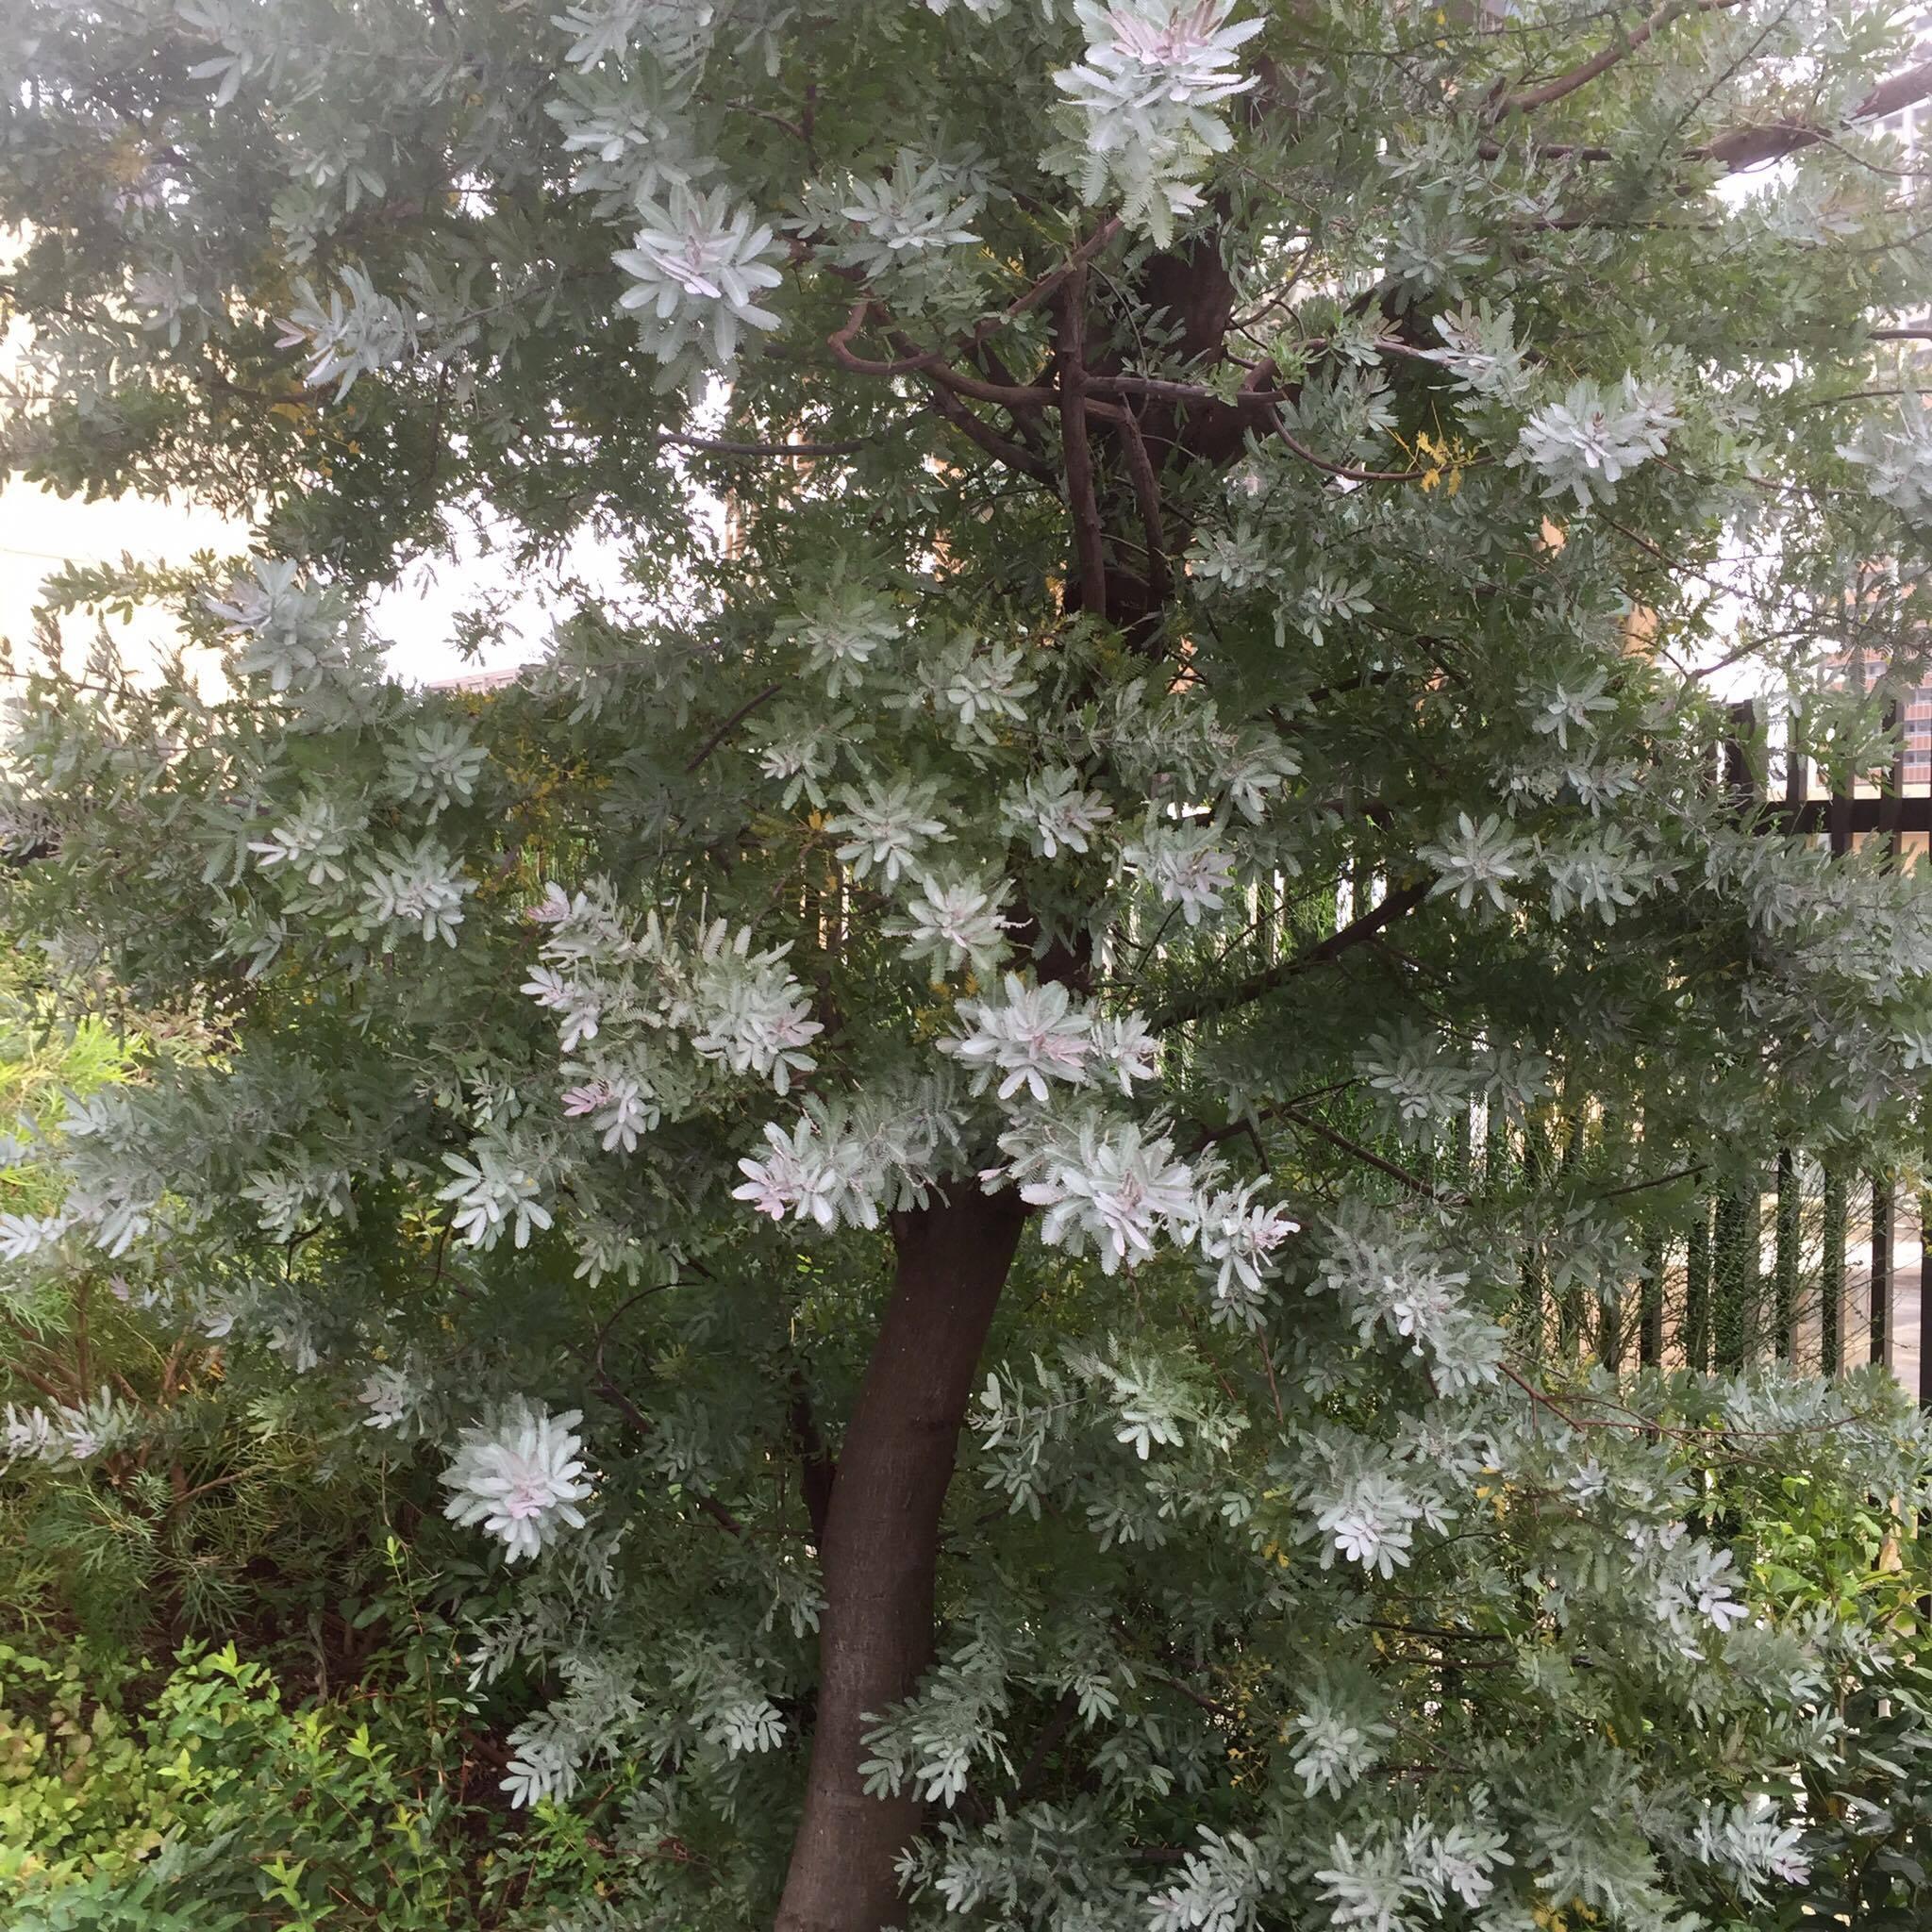 アカシアの木にもカイガラムシはよくつきます。